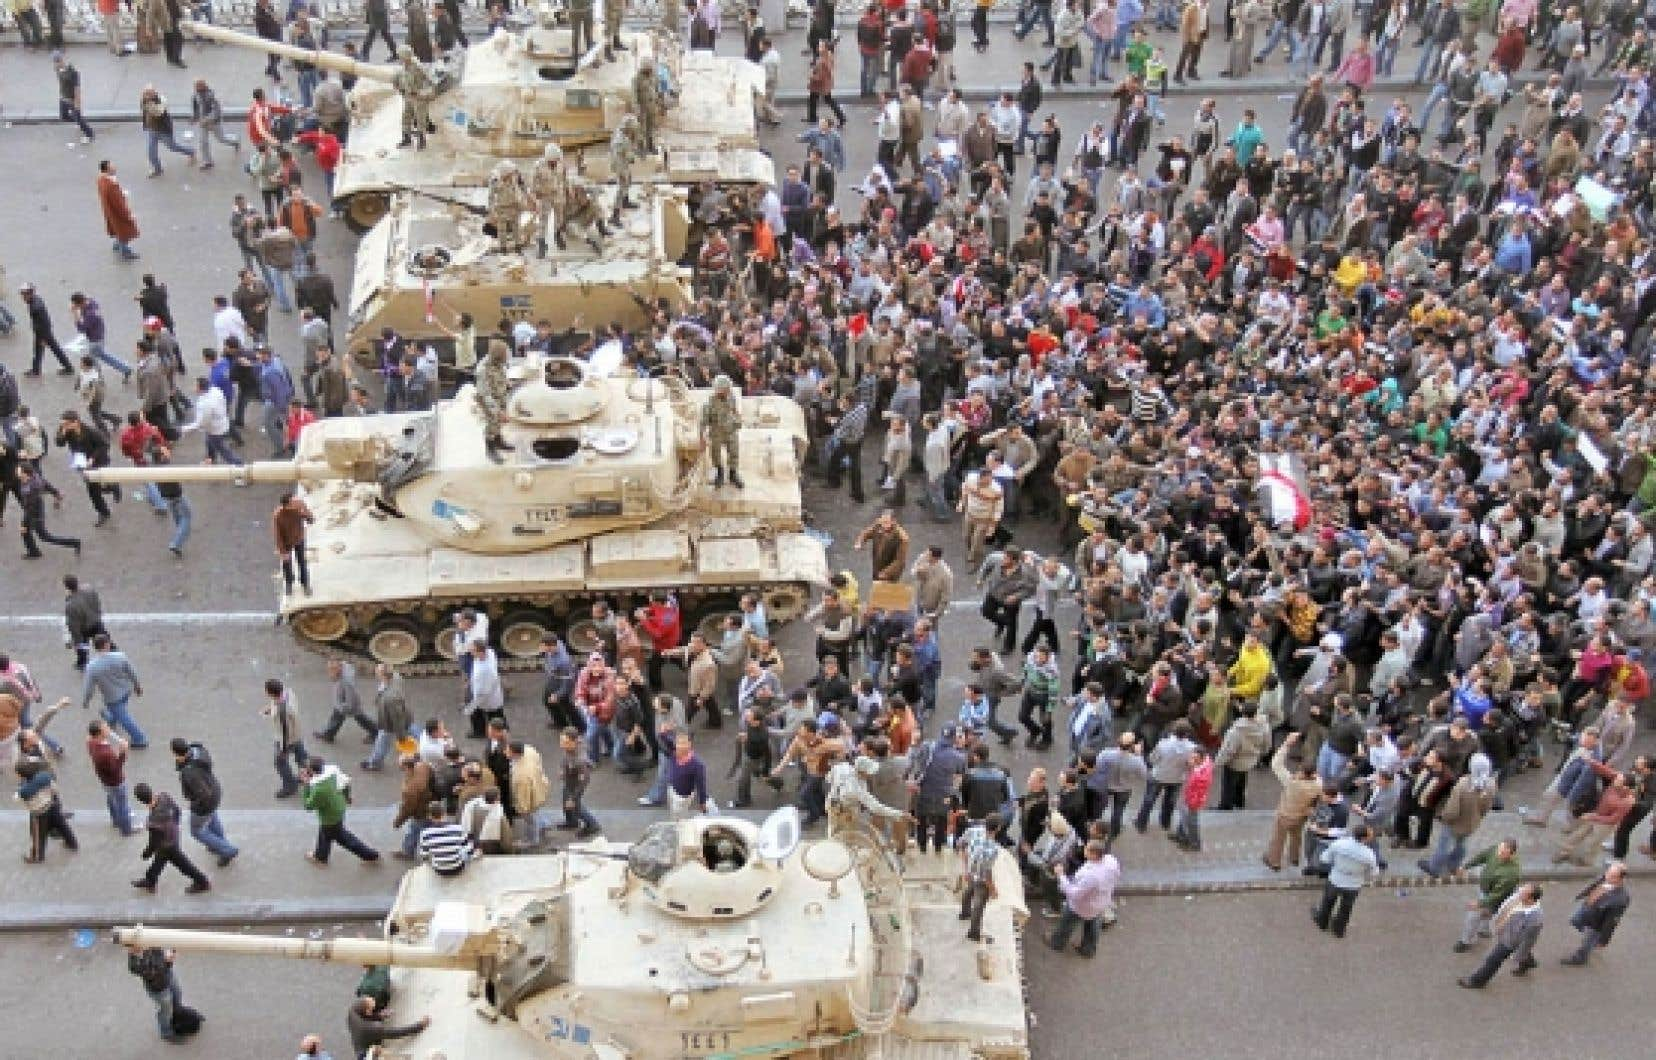 Les émeutes que connaît l'Égypte depuis le 25 janvier, et dont le but est d'exiger le départ d'Hosni Moubarak, pourraient conduire à un tout nouveau rapport dans les relations armée/pouvoir et peut-être même signer la fin de l'âge d'or.